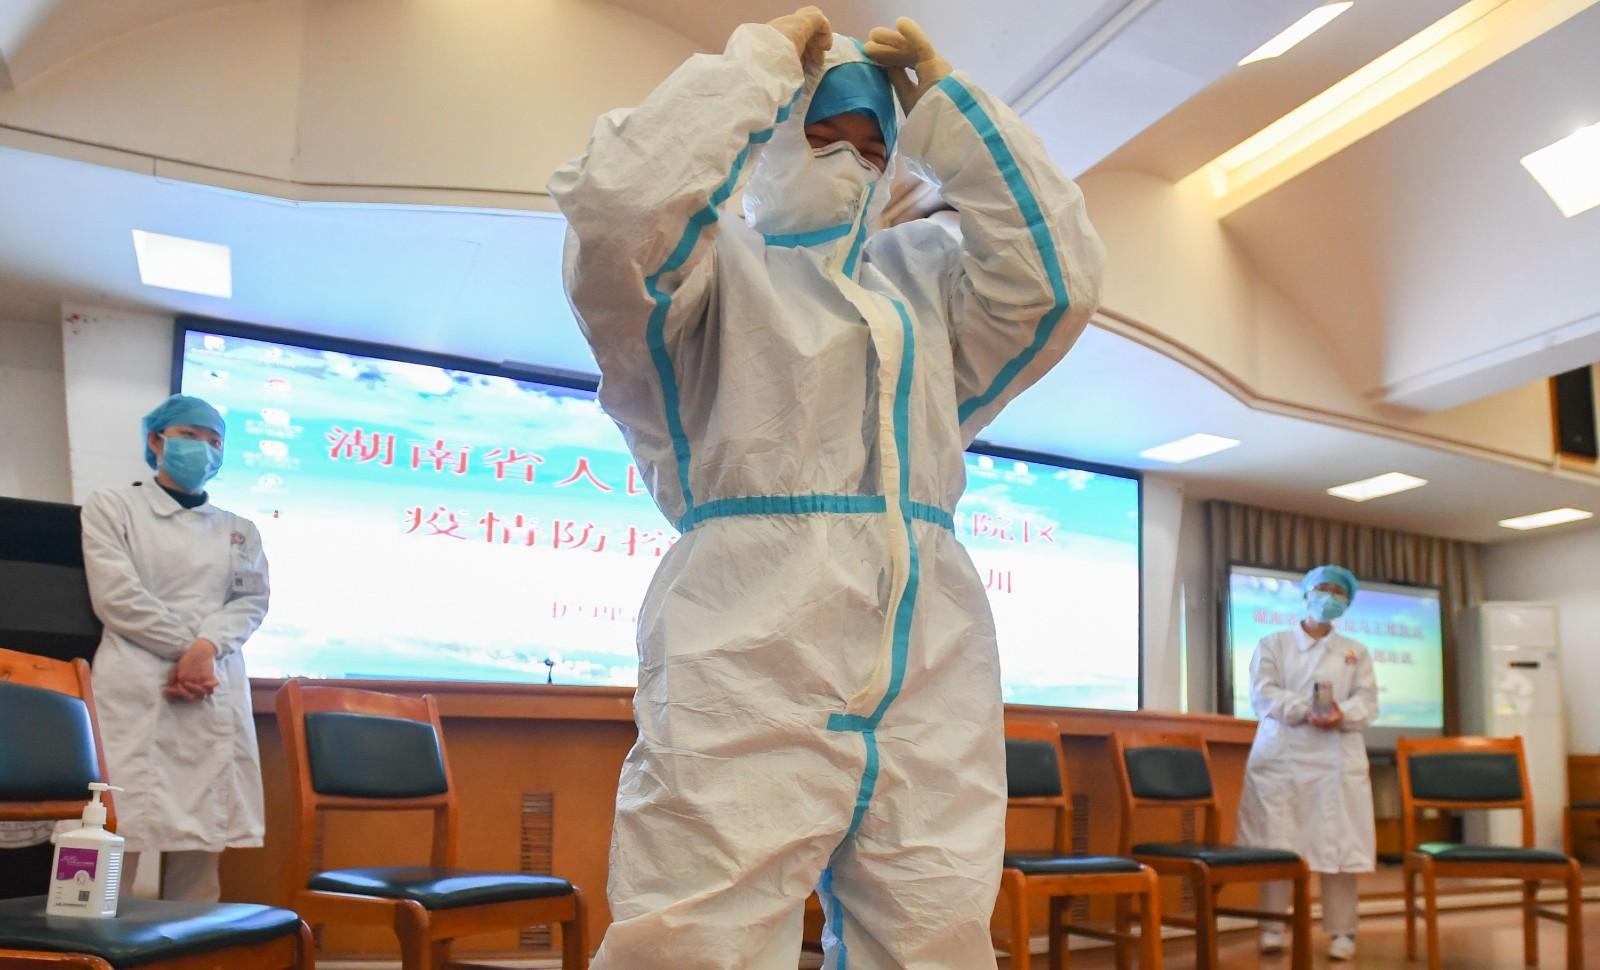 Coronavirus, Xi Jinping le savait dès le 7 janvier. Hubei, 60 millions enfermés dans la maison